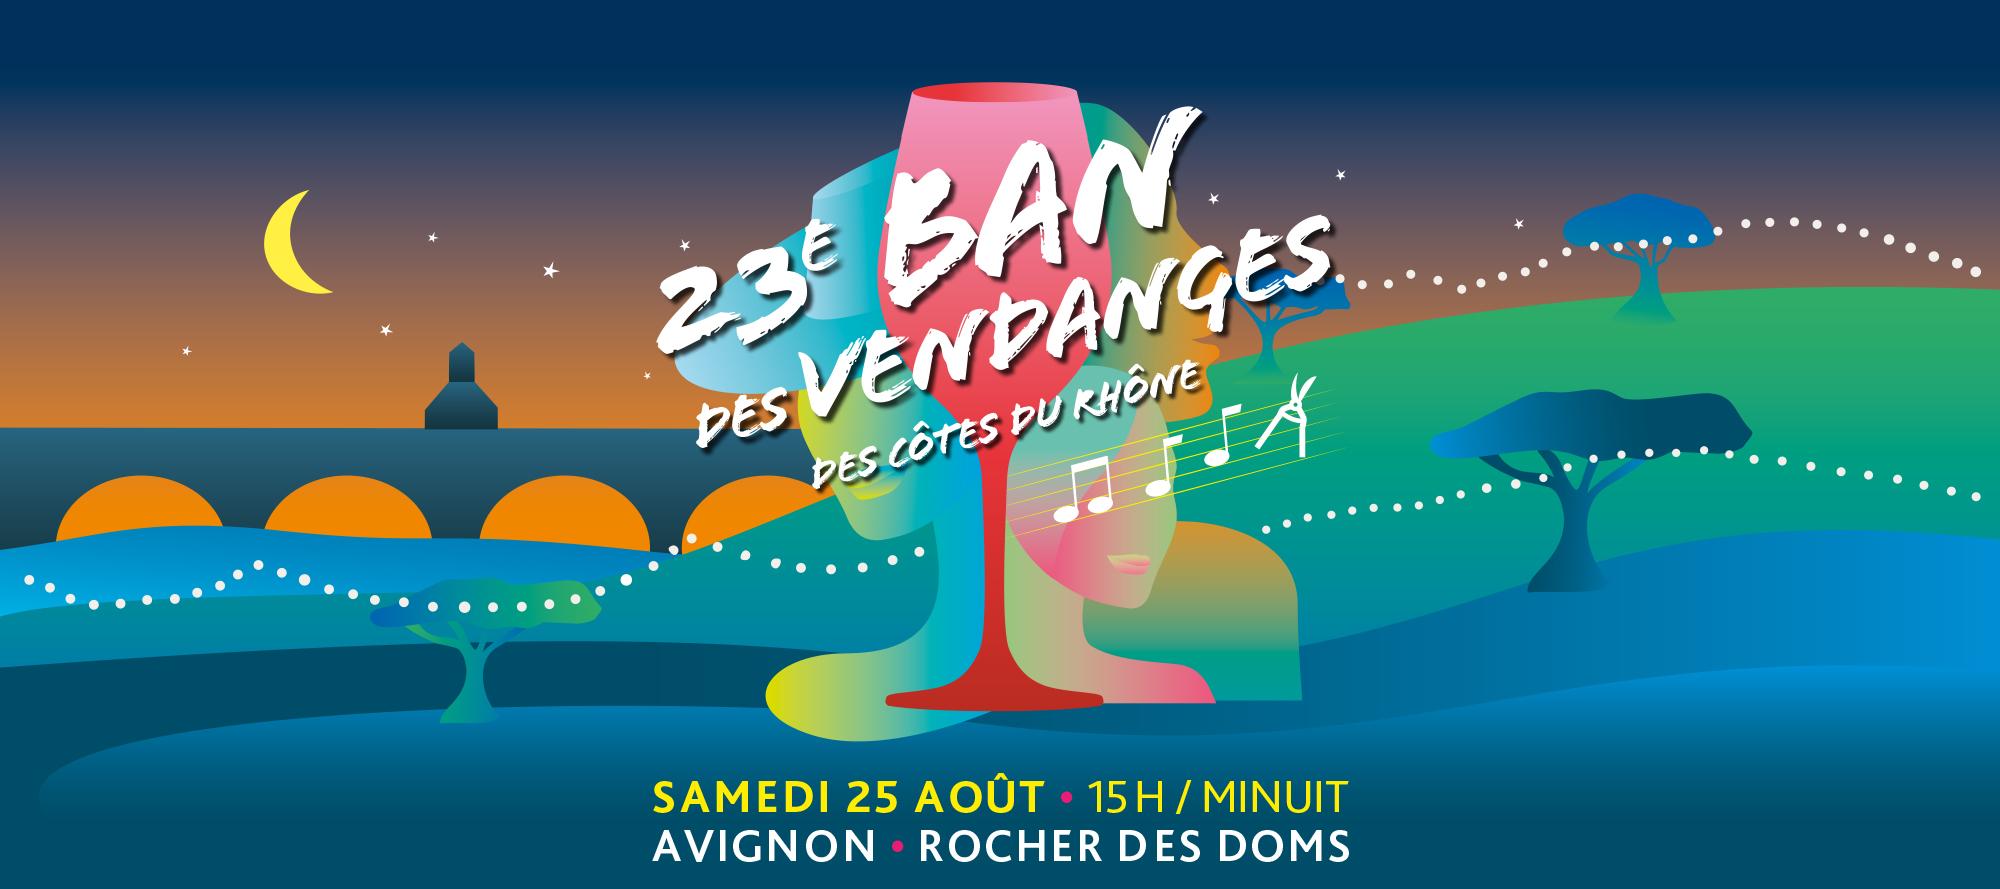 23e Ban des Vendanges des Côtes du Rhône